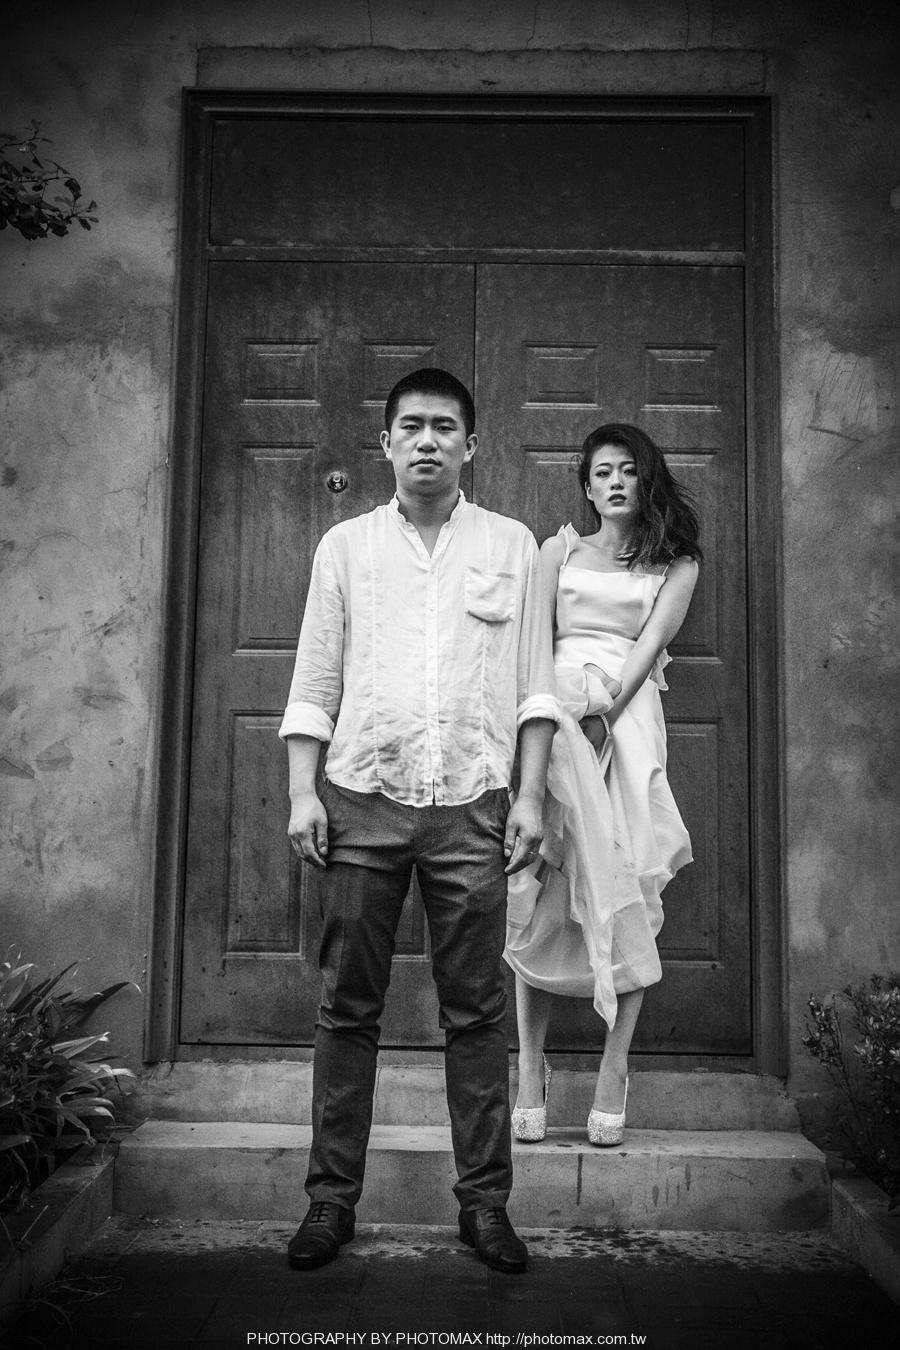 刘喆 PHOTOMAX 老麦摄影 绕着世界拍爱情 婚纱摄影 (4)